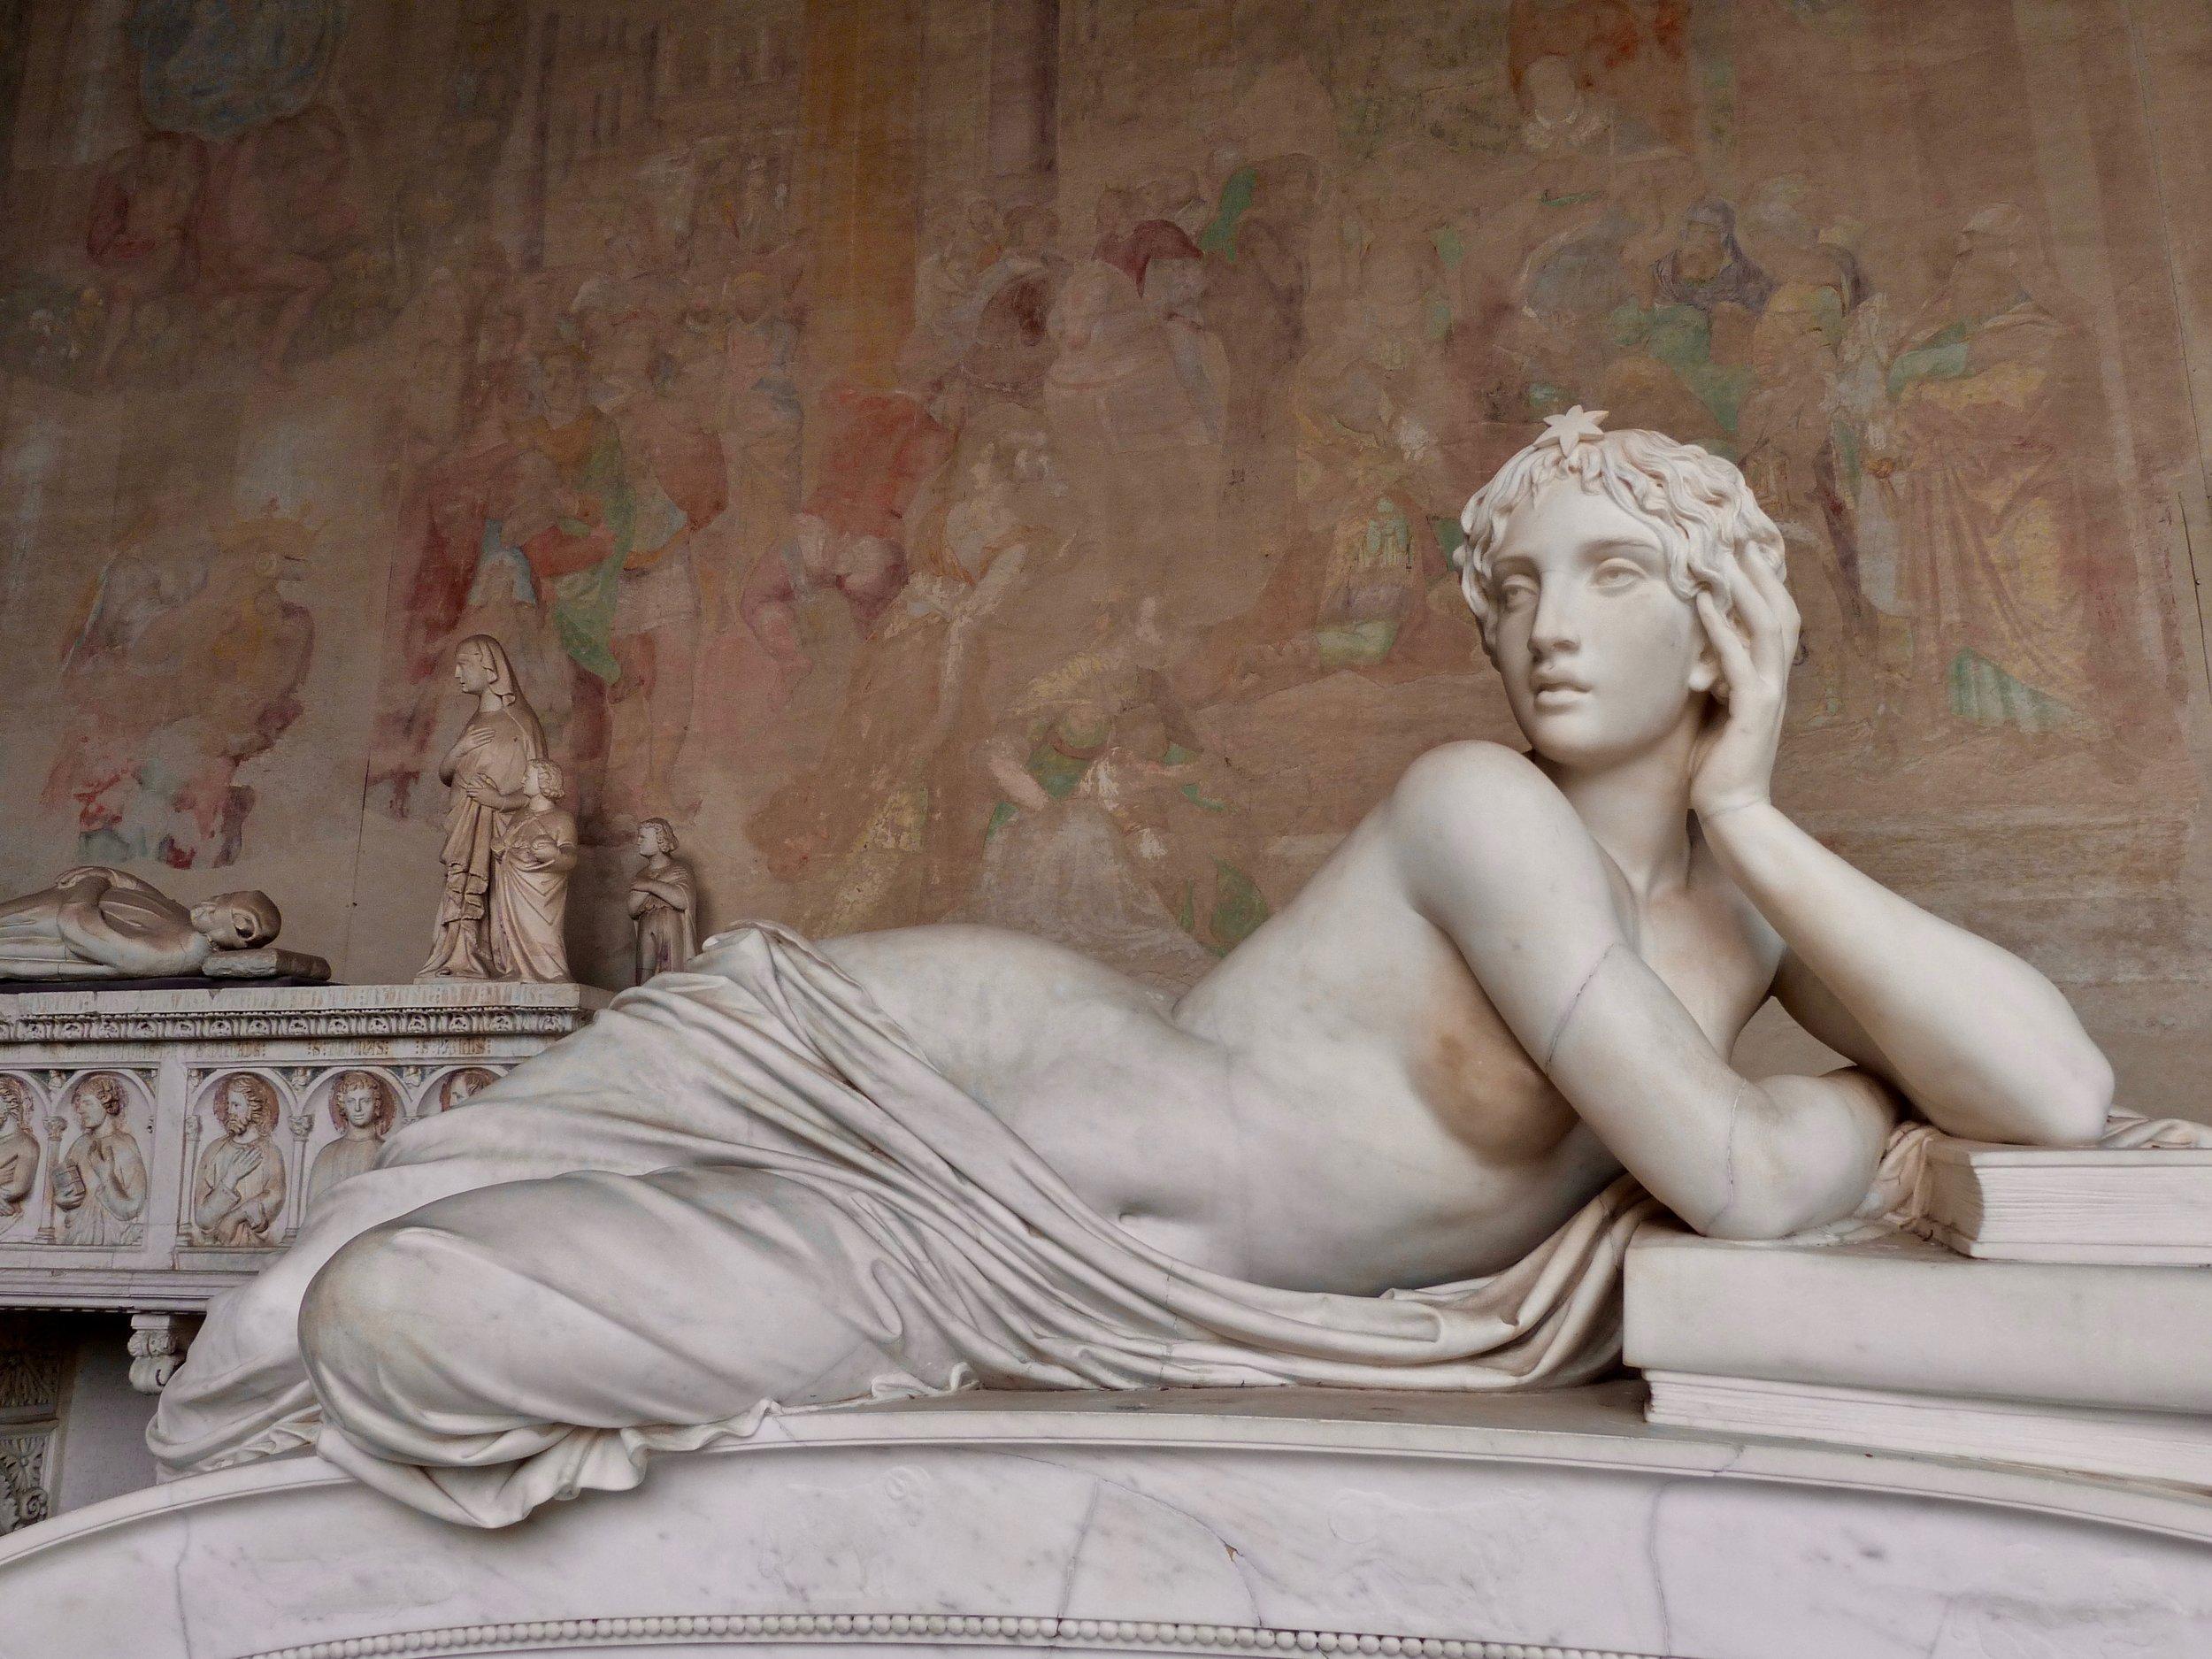 Magnifique Sculpture au Camposanto Monumentale- Pise